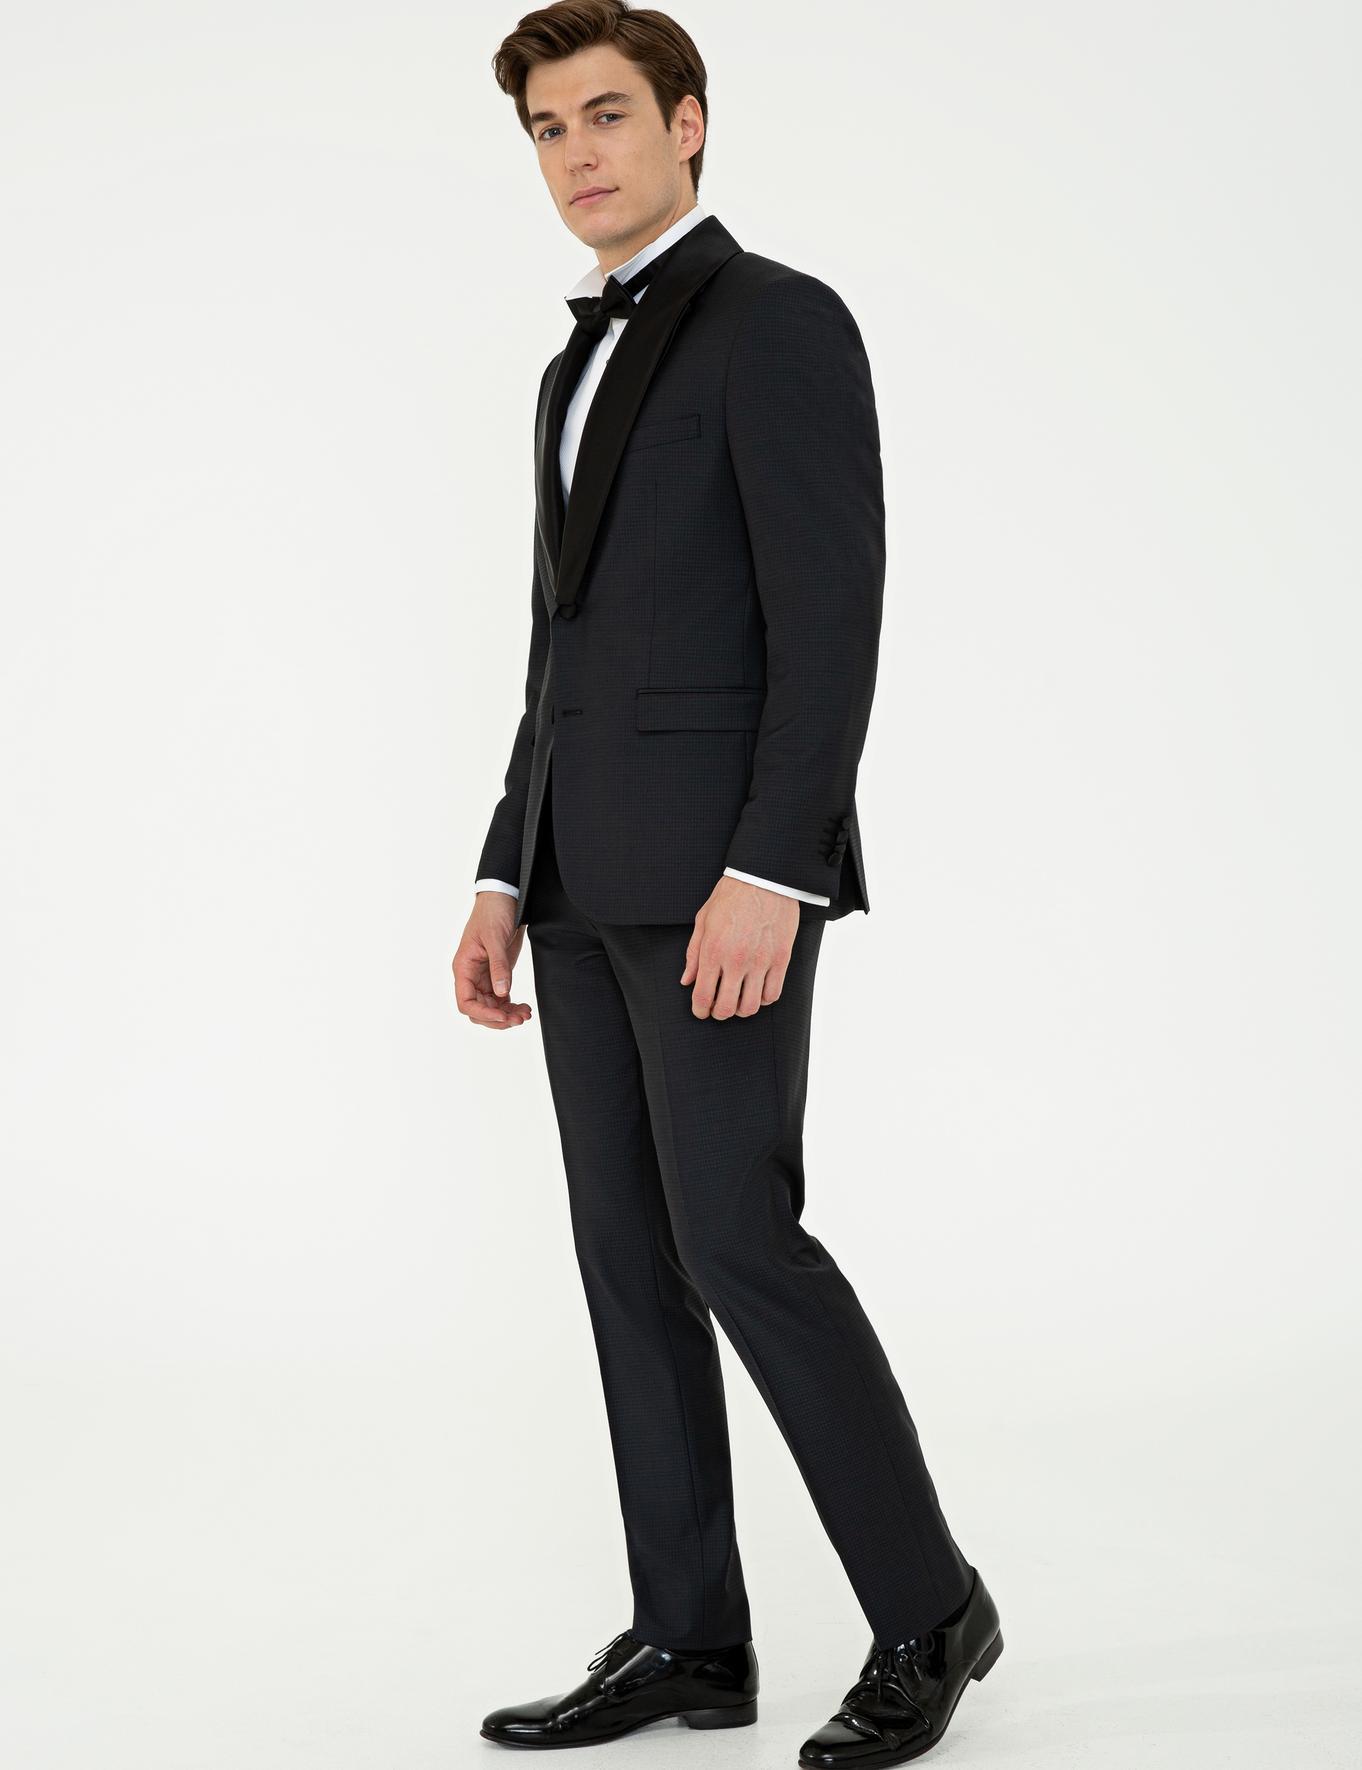 Siyah Slim Fit Takım Elbise - 50232899047